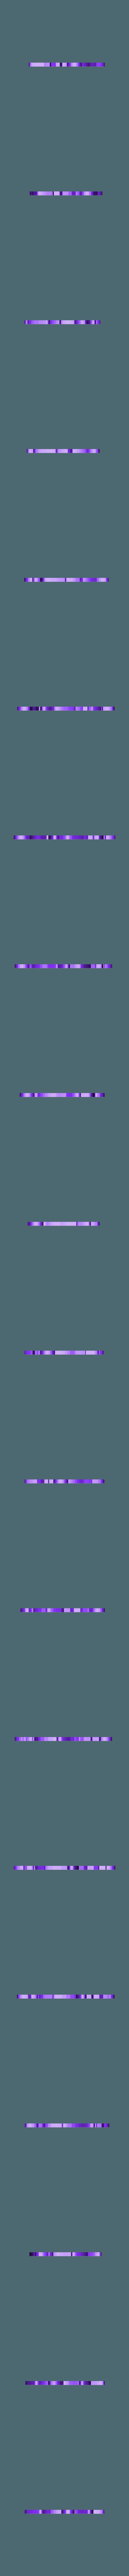 marcus face.stl Télécharger fichier STL Lot 6 ornements Paw Patrol • Plan imprimable en 3D, DG22